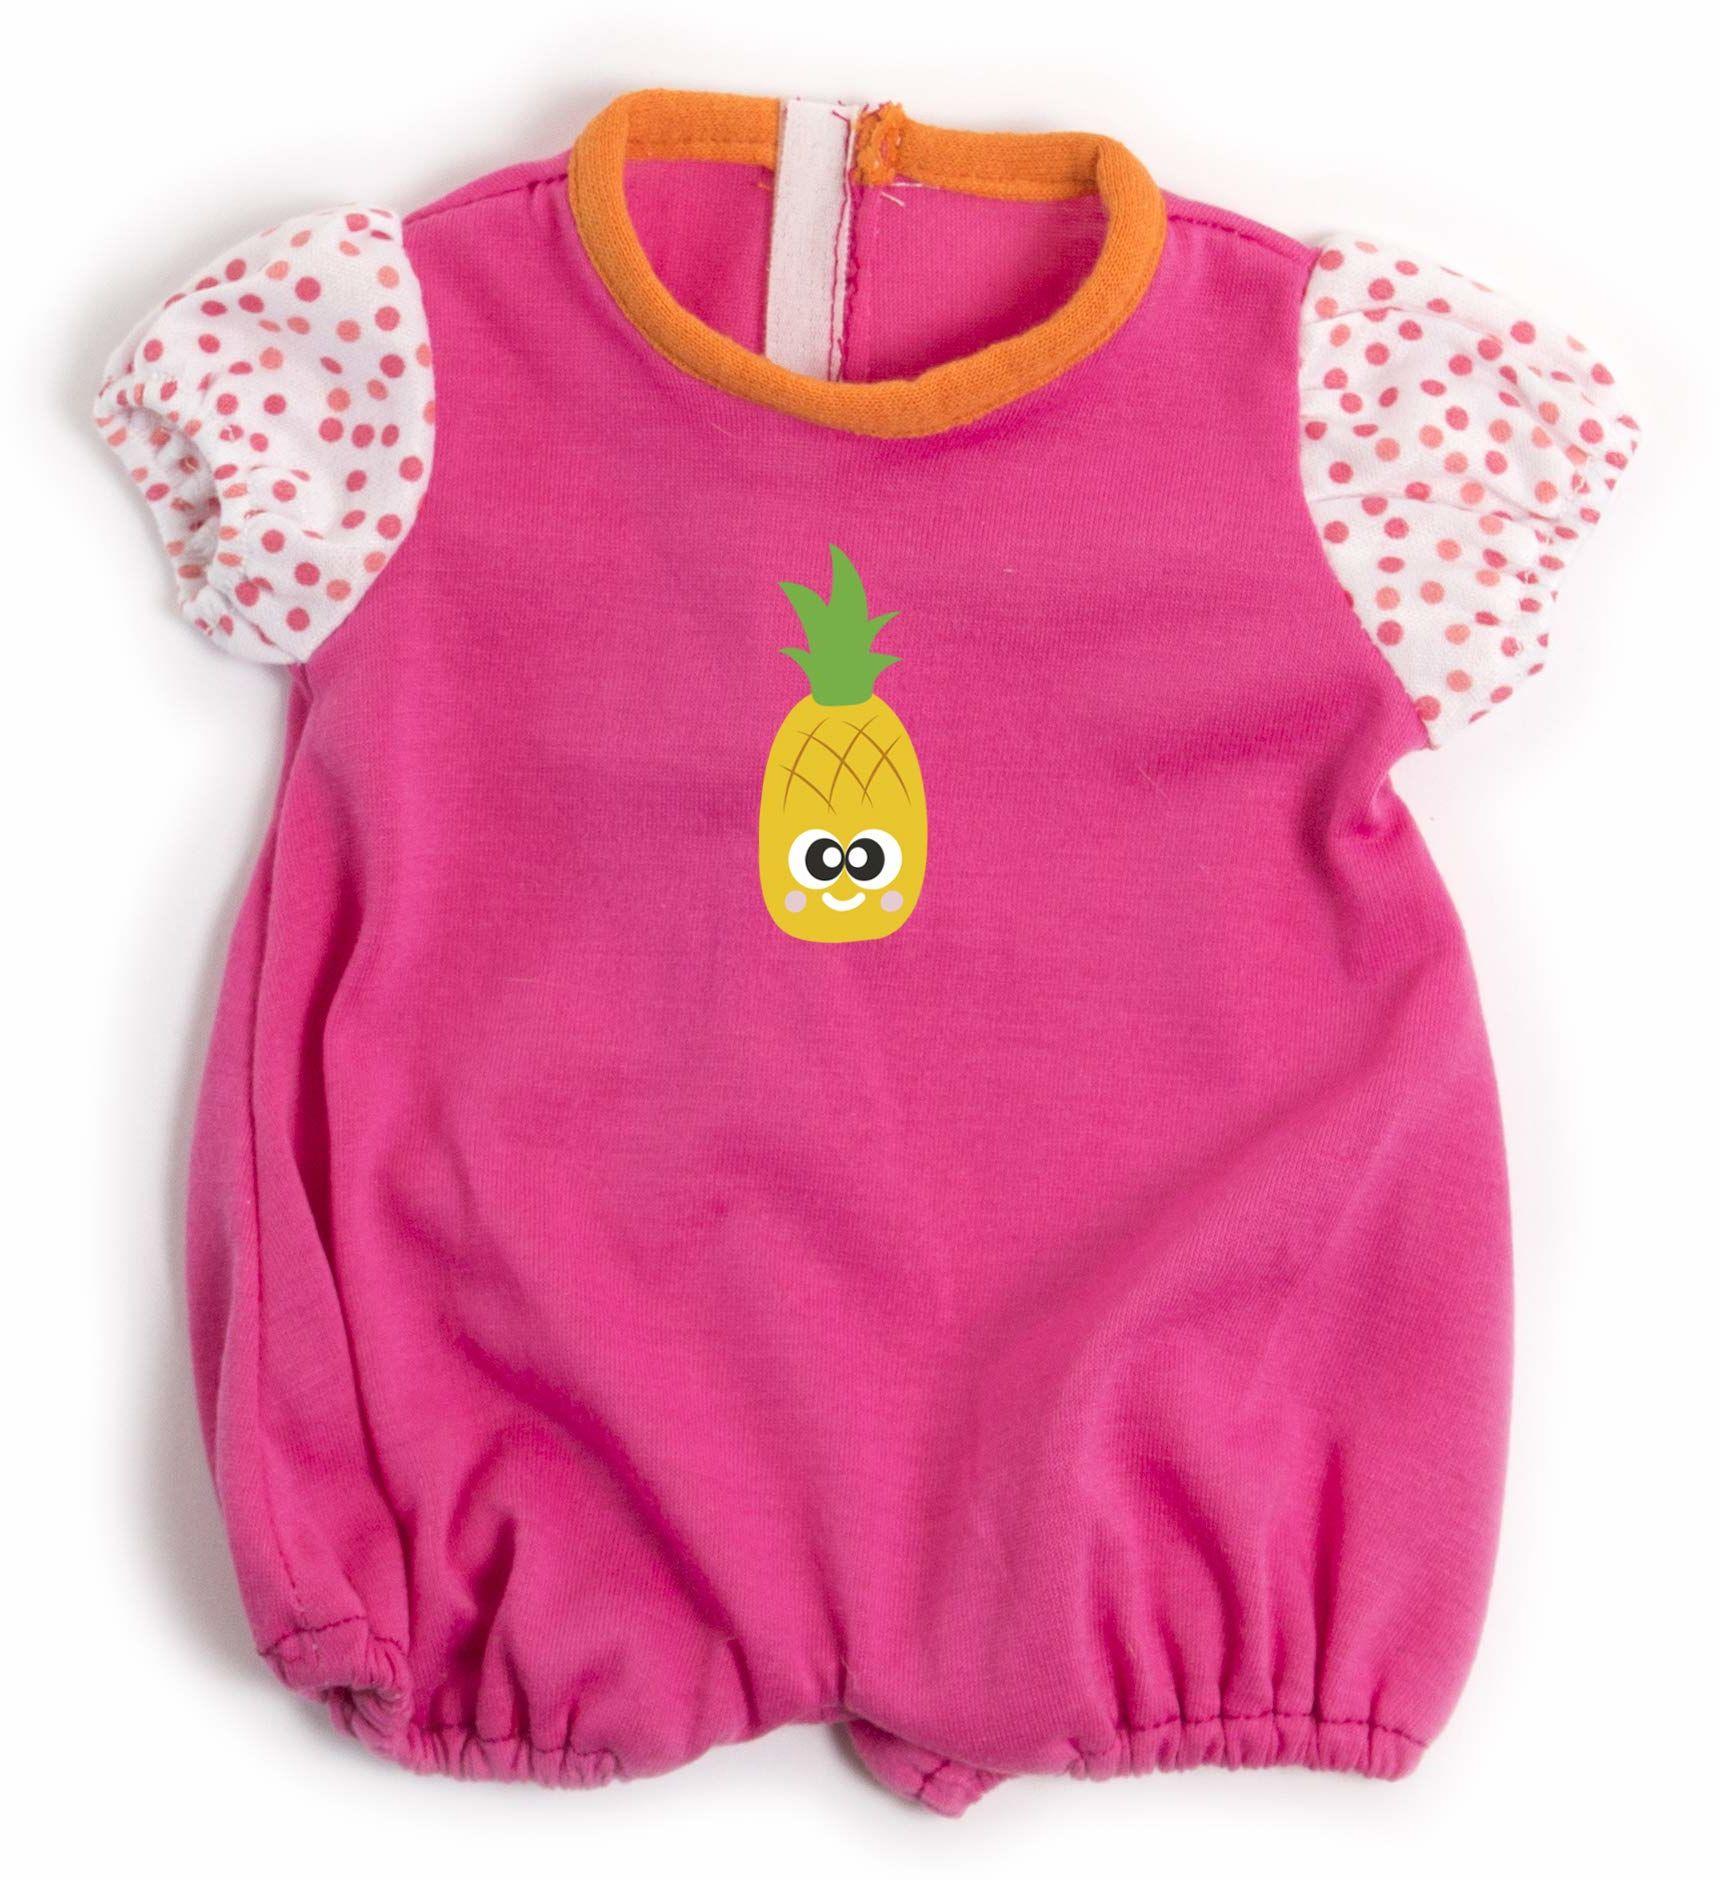 Miniland 31554 sukienka dla lalek, różowa, 38-40 cm